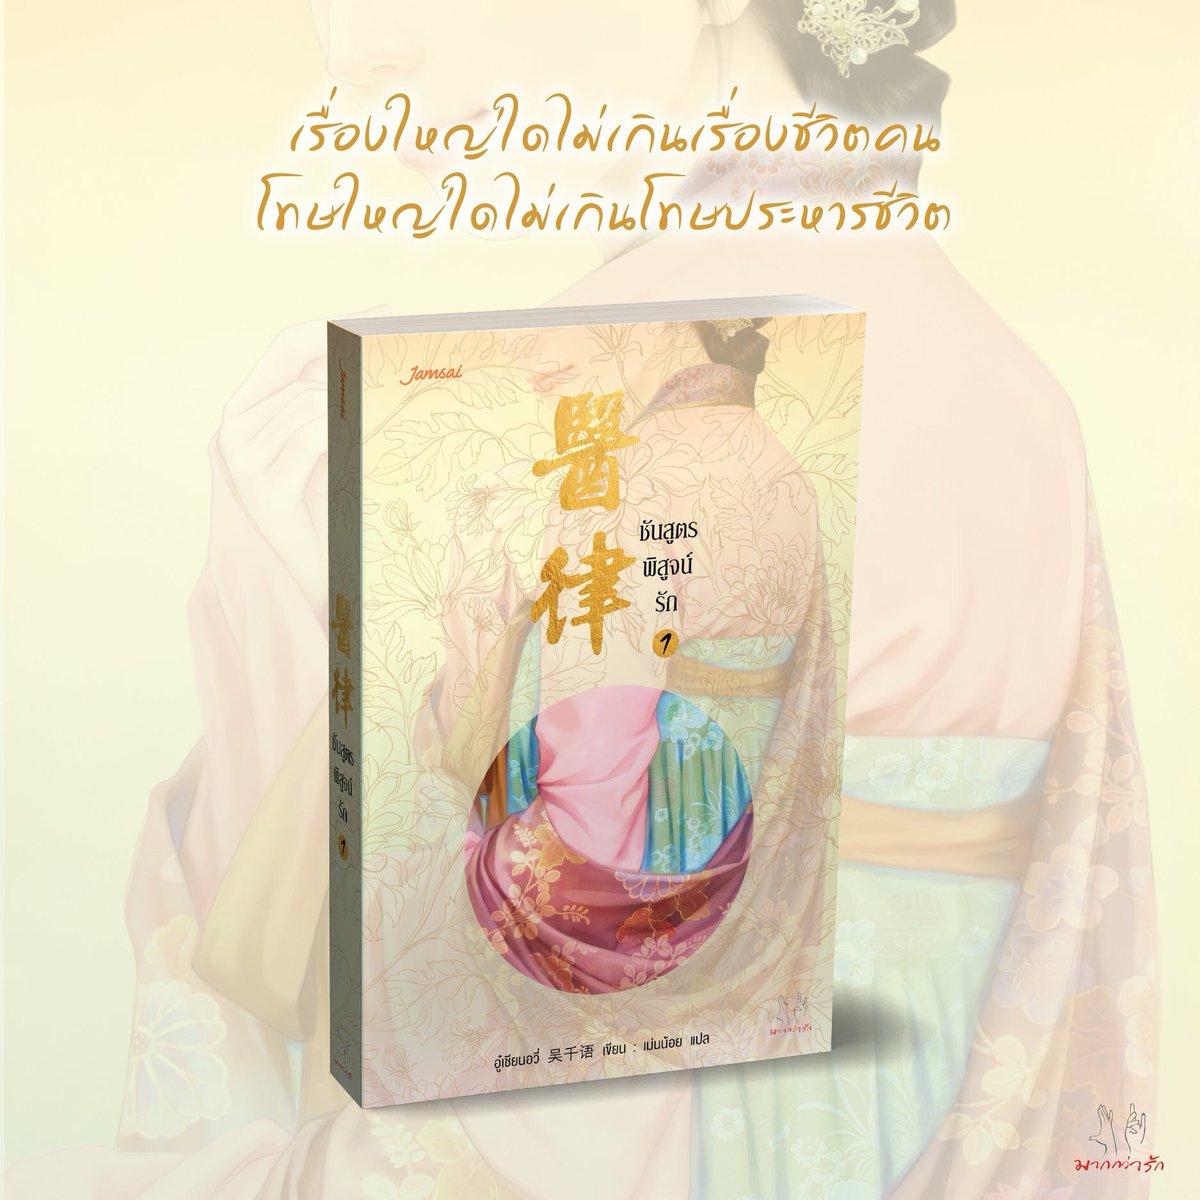 ชันสูตรพิสูจน์รัก เล่ม 1 เขียนโดย อู๋เชียนอวี่ แปลโดย เม่นน้อย *พร้อมส่ง